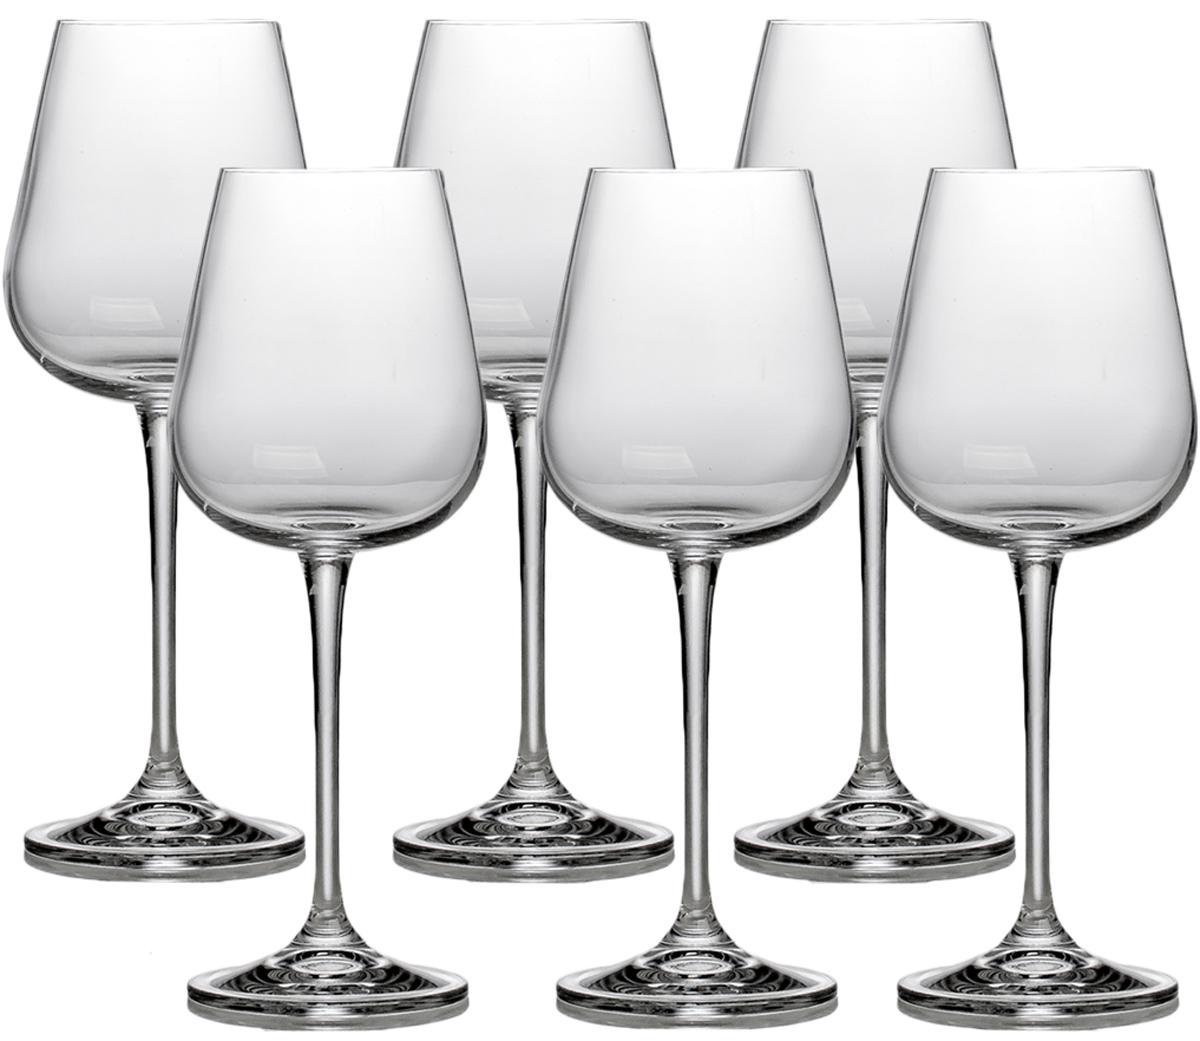 Набор бокалов для вина Crystalite Bohemia Амундсен, 330 мл, 6 шт1SF57`330Современная форма чаши, высокая нога.Бокалы из богемского стекла - это высокое качество,неповторимый бриллиантовый блекс, легкость и прозрачность, естественный планый силуэт. Выдувное хрустальное стекло с добавлением окиси титана. Дополнительный обжиг края.